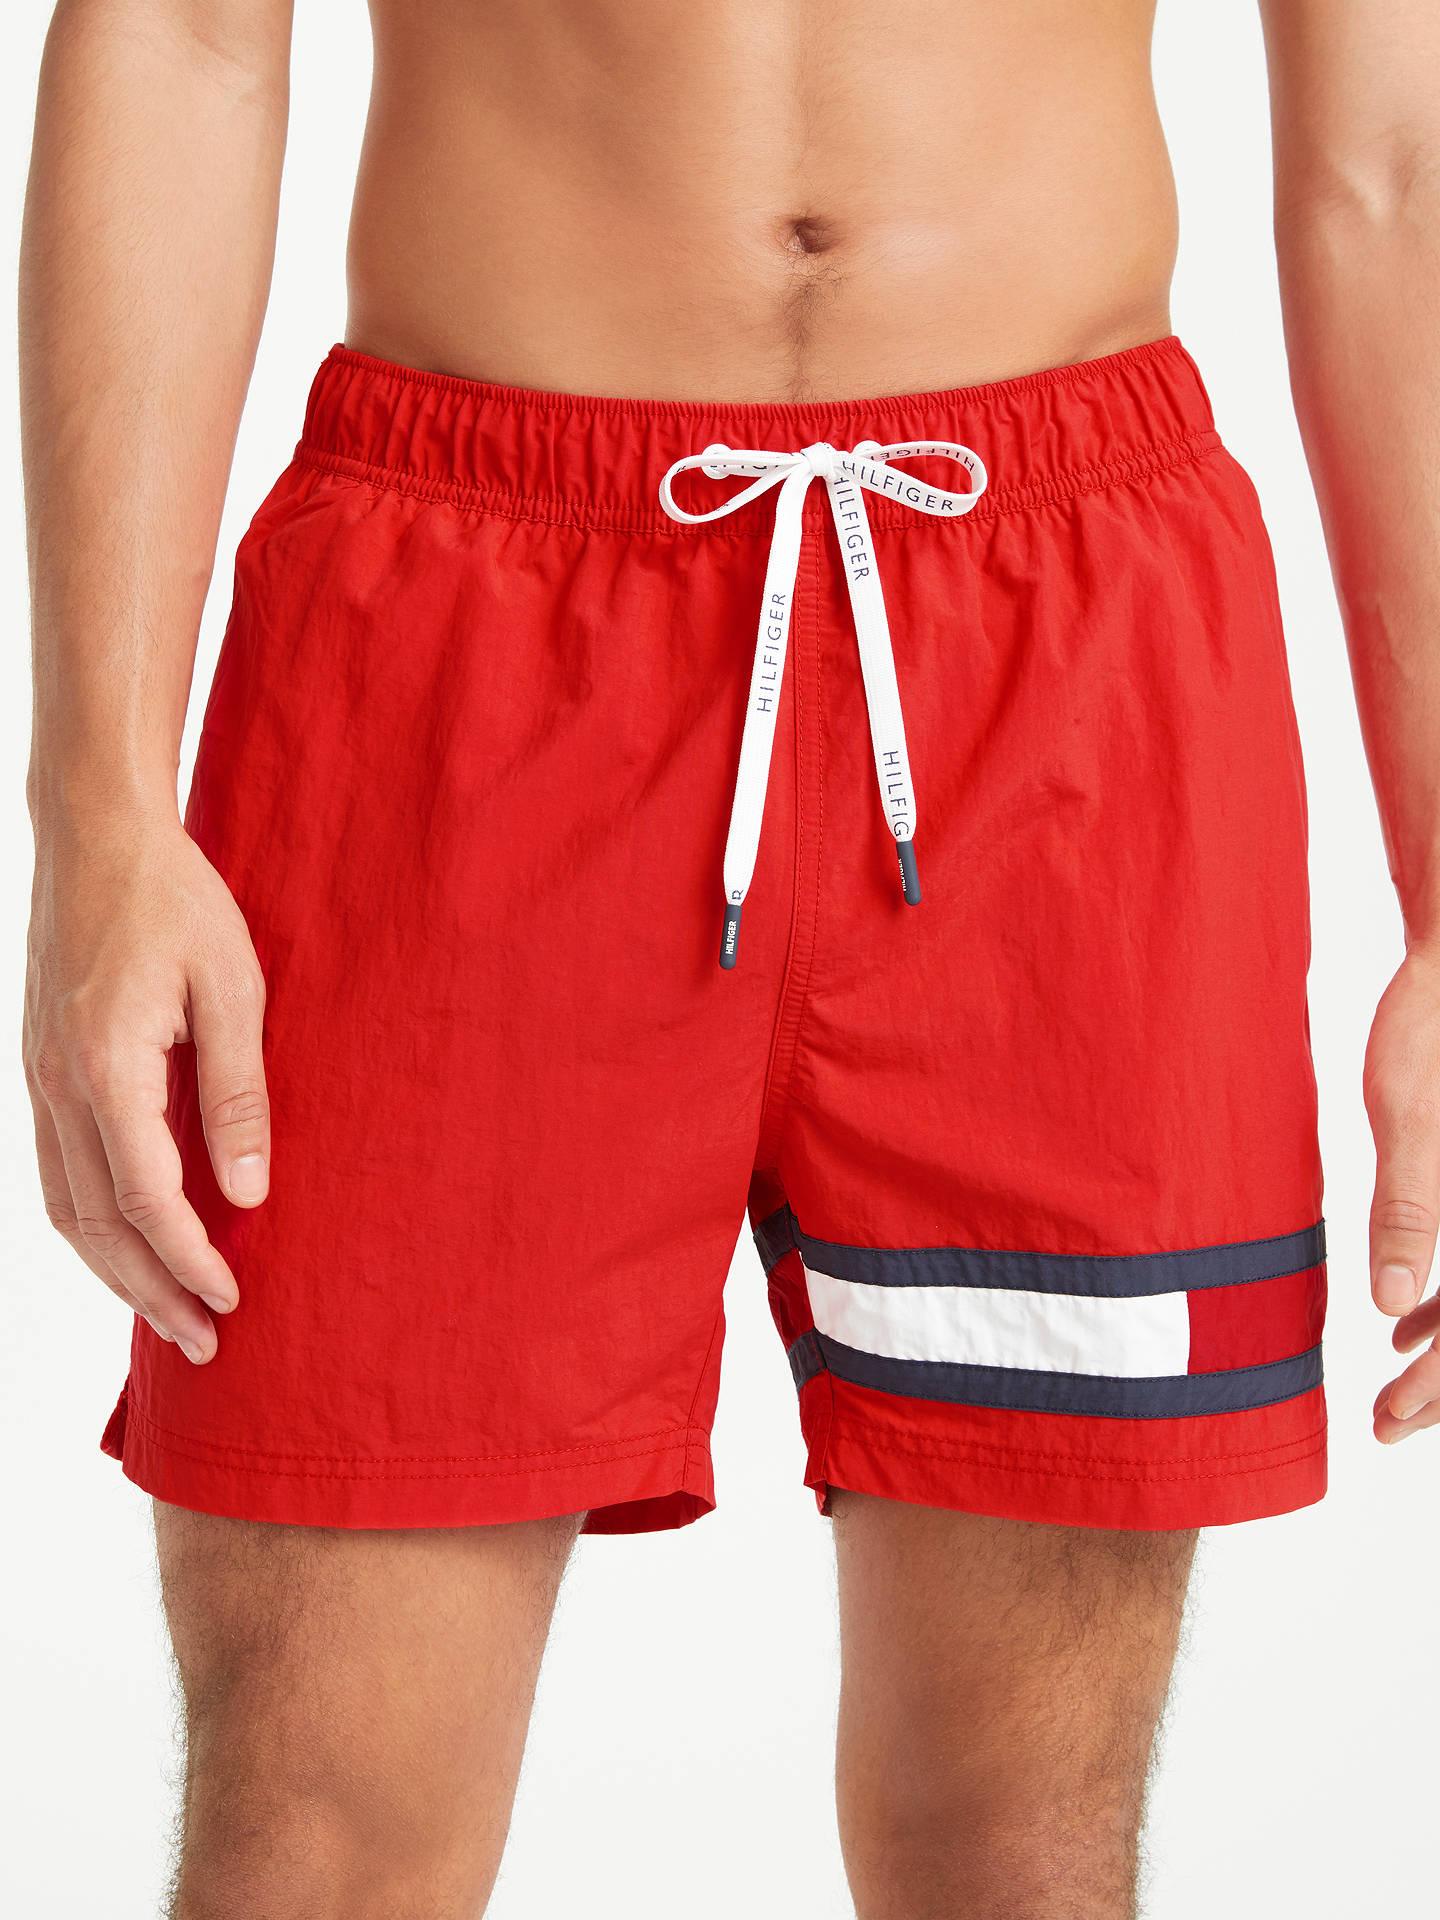 a869783ca56dc Buy Tommy Hilfiger Flag Leg Swim Shorts, Flame Scarlet, L Online at  johnlewis.